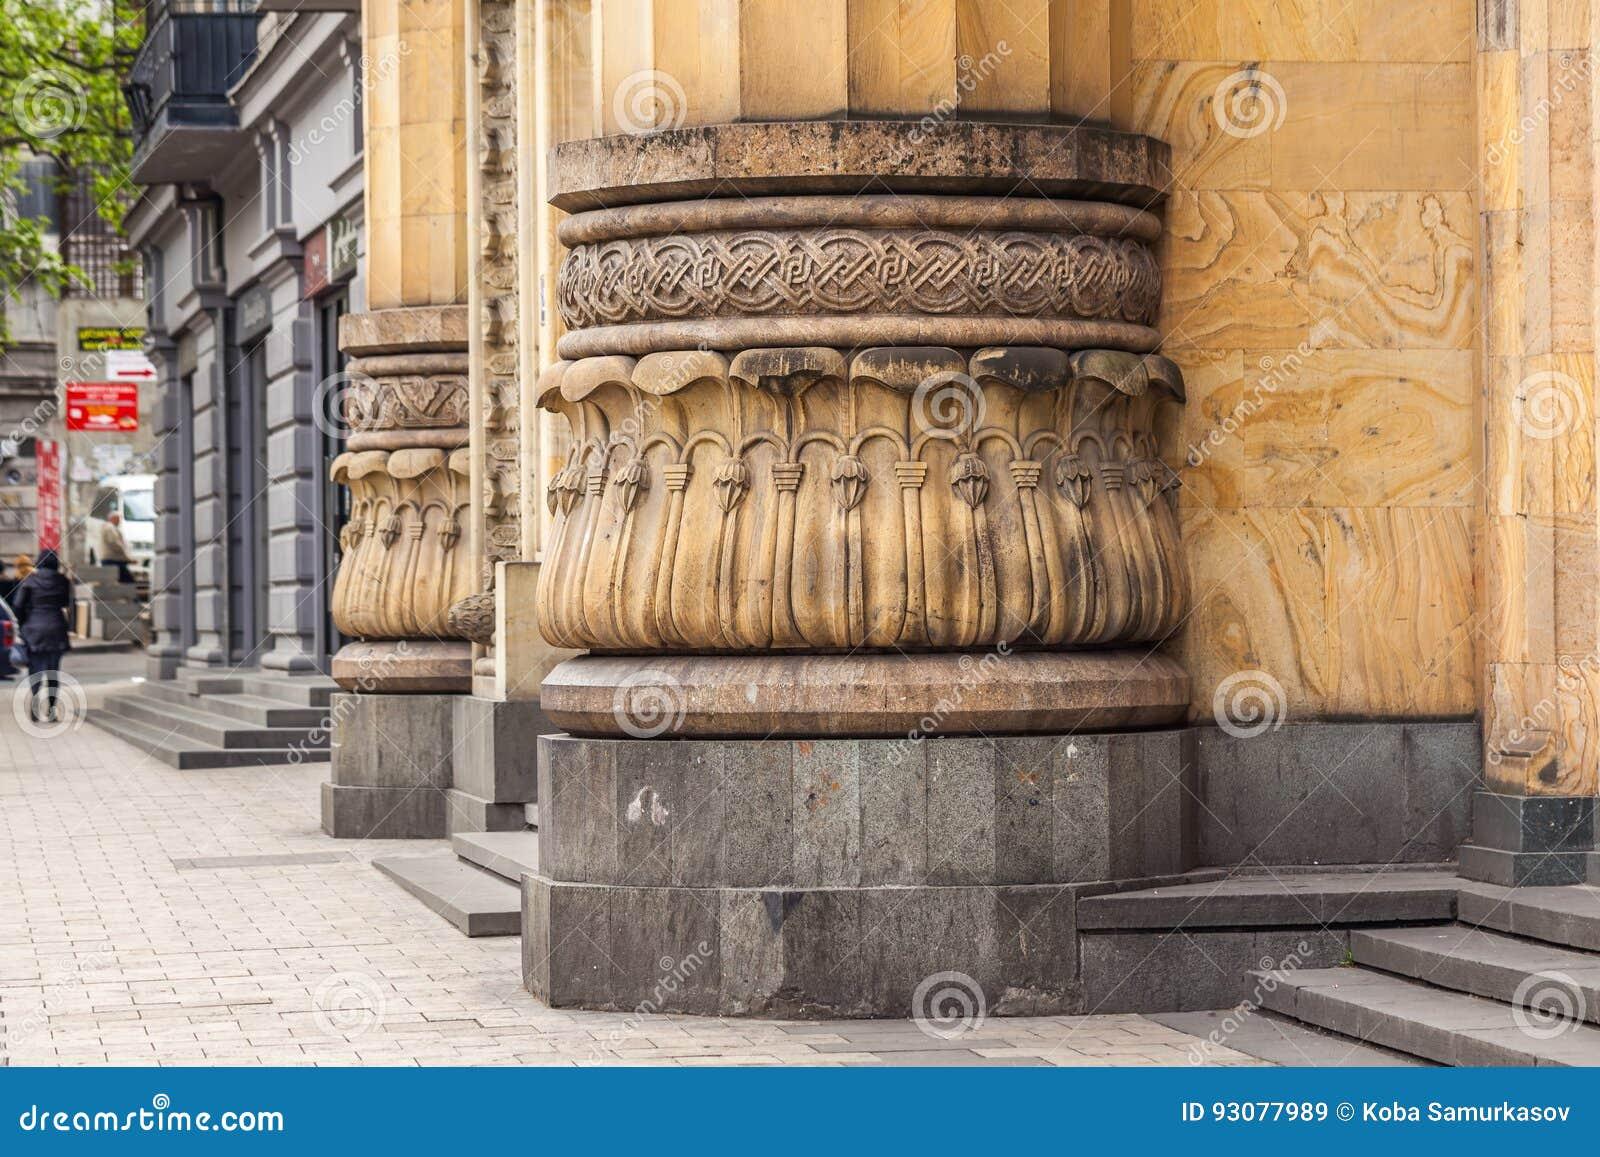 Descripción Arquitectónica Ornamental De La Casa De La Ciencia De Tbilisi Imagen De Archivo Editorial Imagen De Casa Tbilisi 93077989